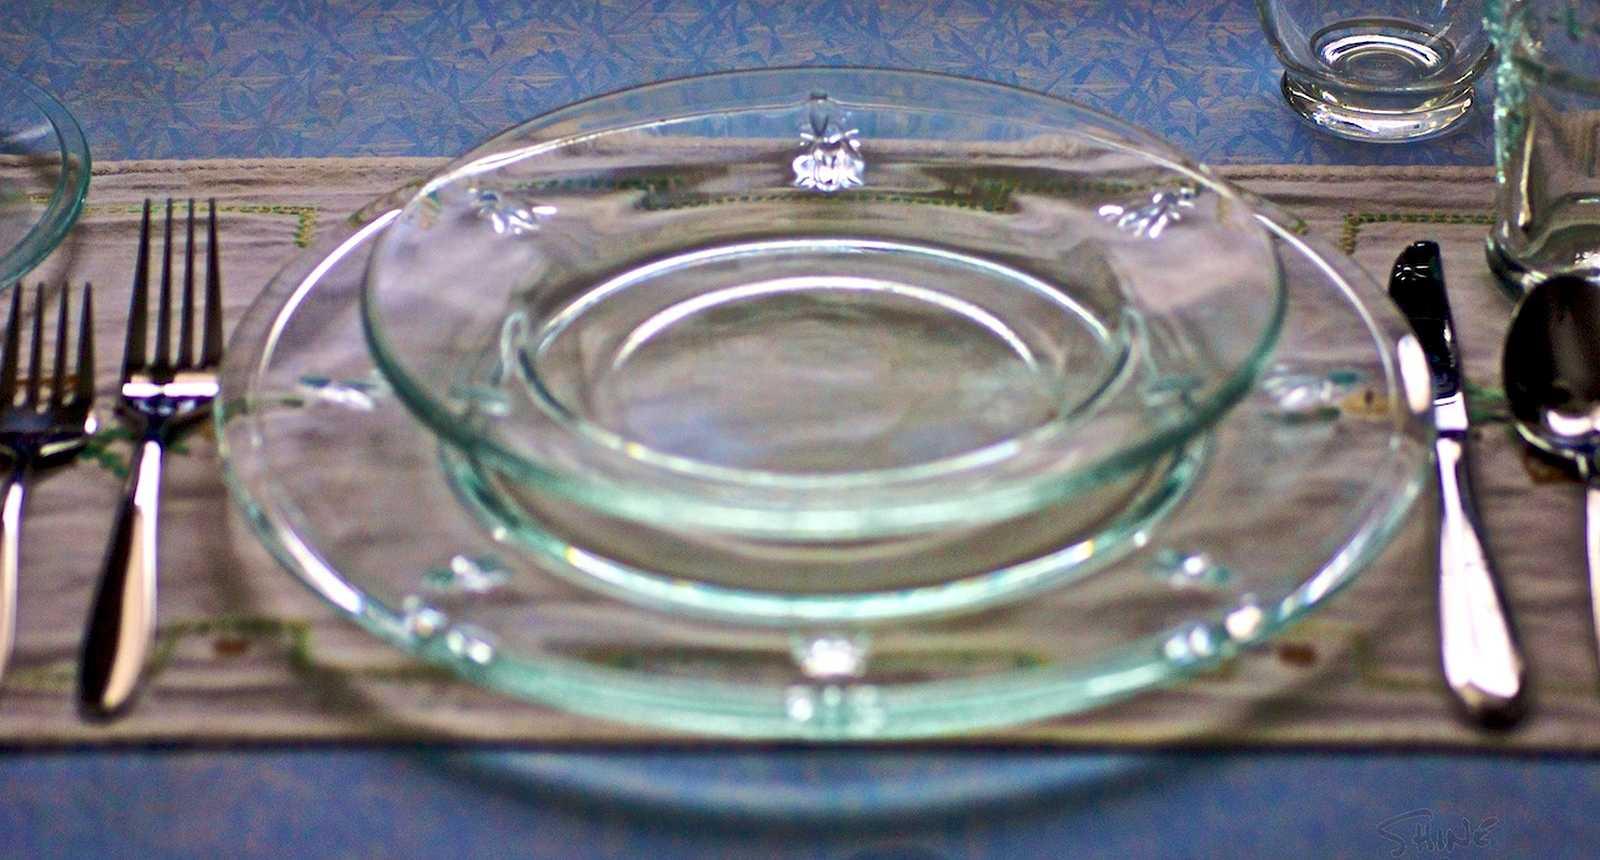 Cristallerie-verrerie La Rochère à Passavant-la-Rochère